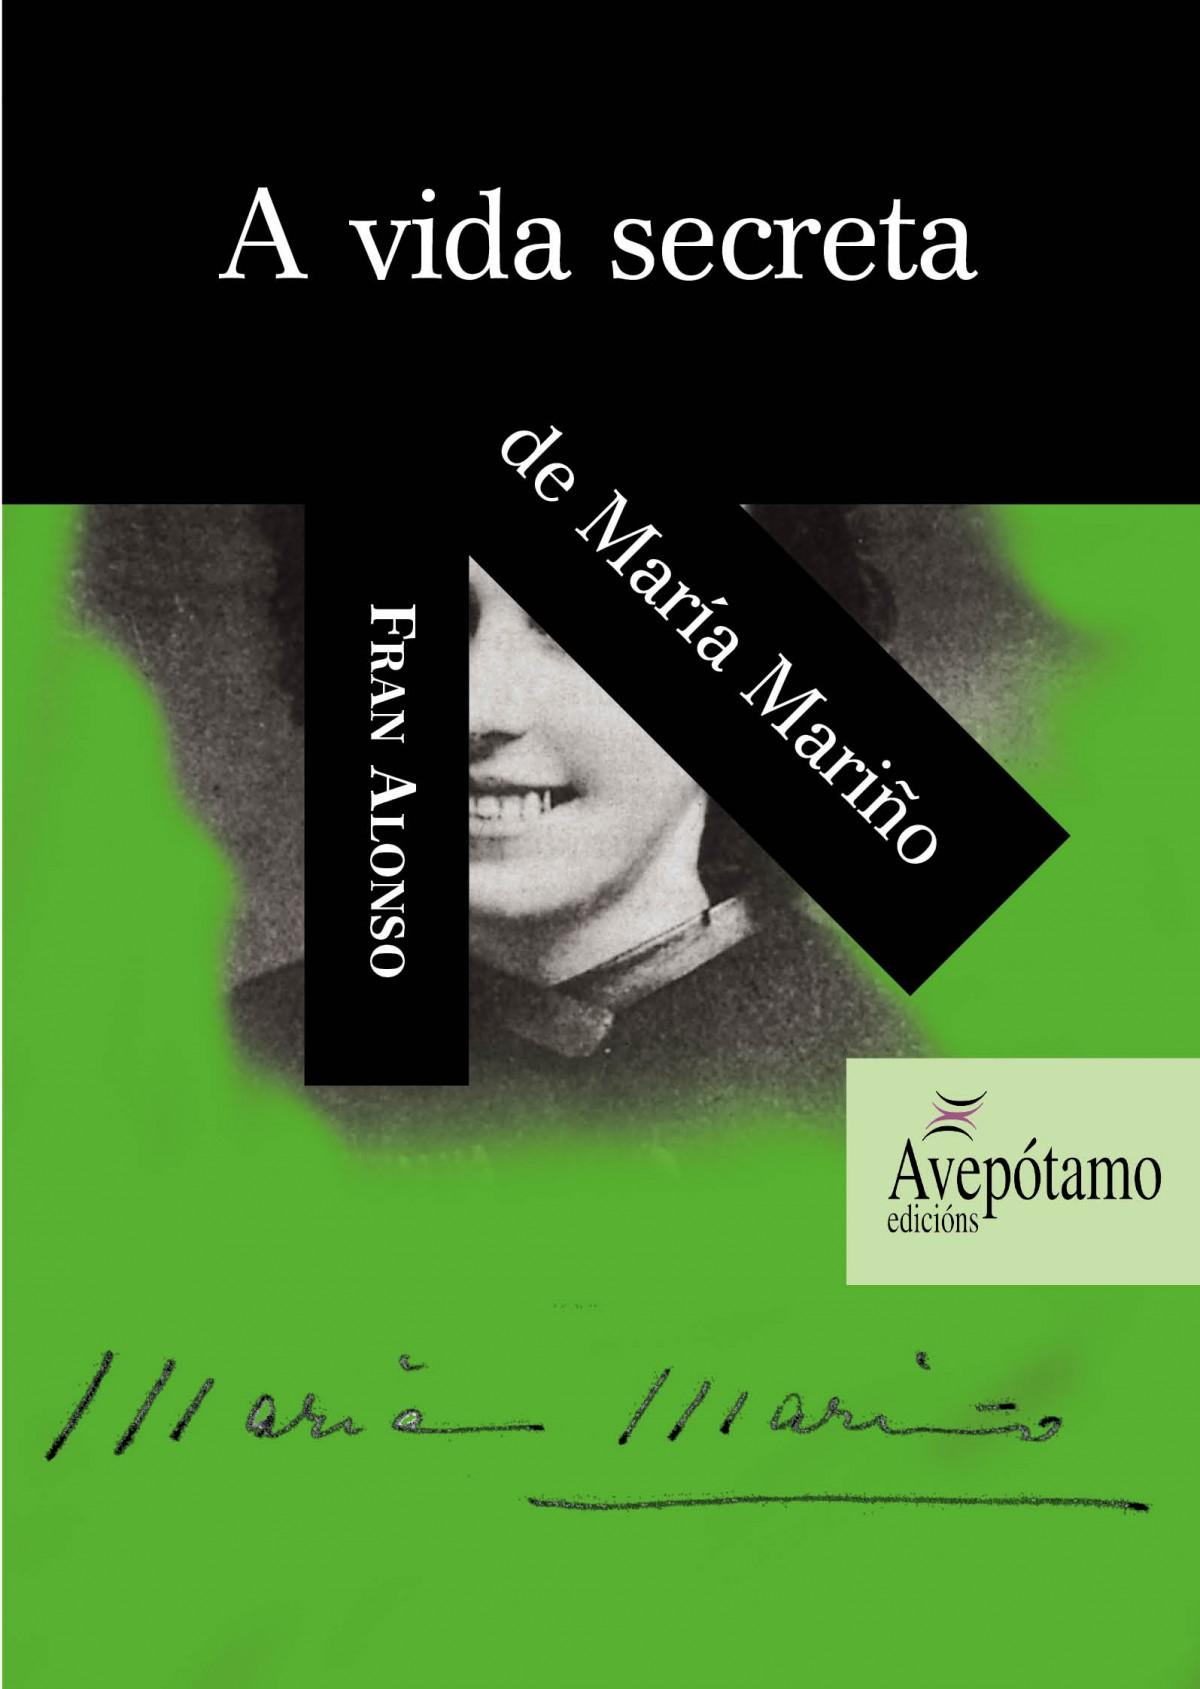 A vida secreta de Maria Marinho_Avepotamo